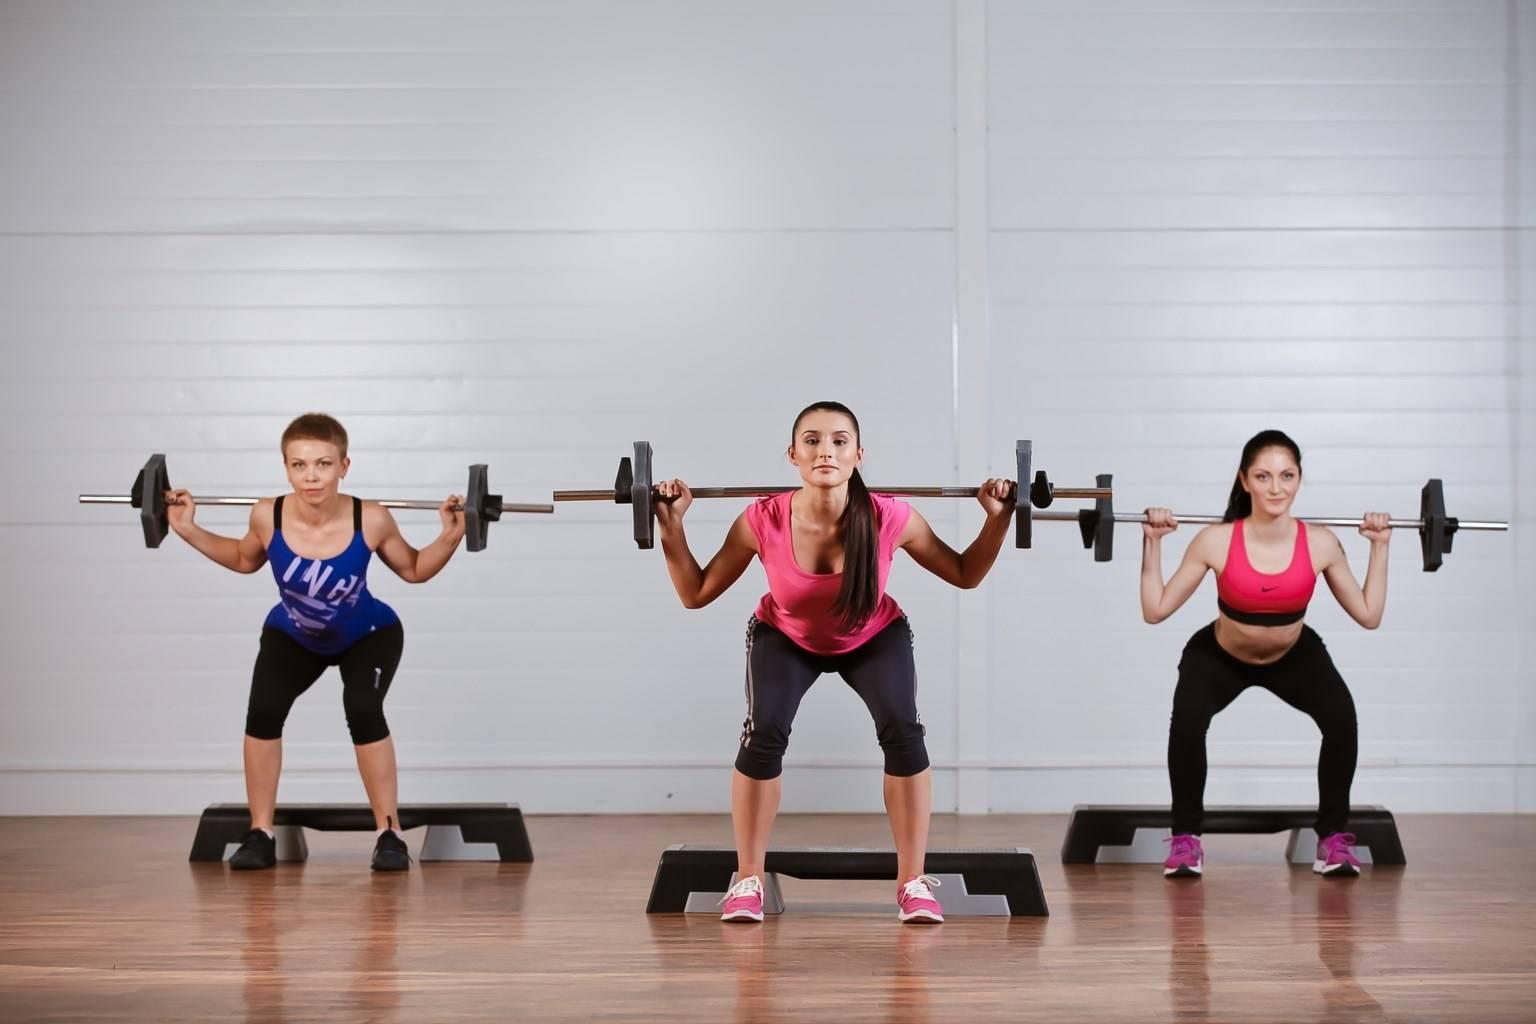 Что такое боди памп: bodypump — википедия – body pump (боди памп) – что это такое в фитнесе, особенности тренировок